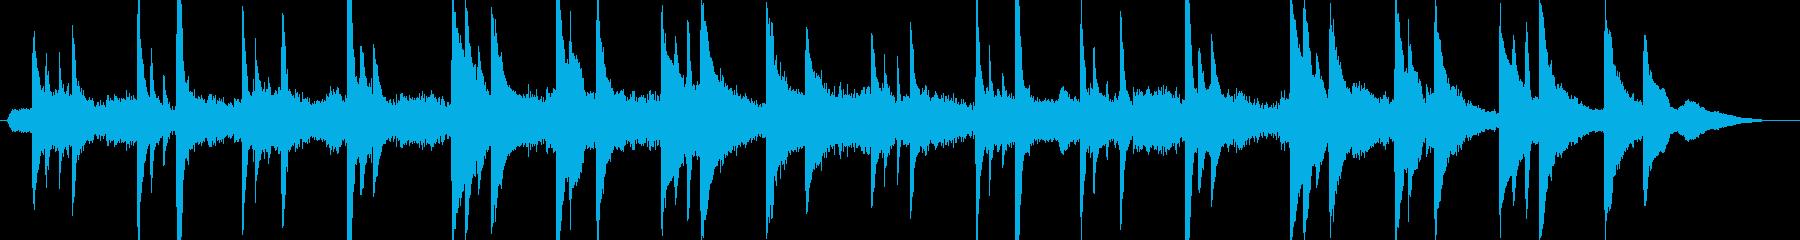 シネマティック美しい神秘的なピアノソロの再生済みの波形